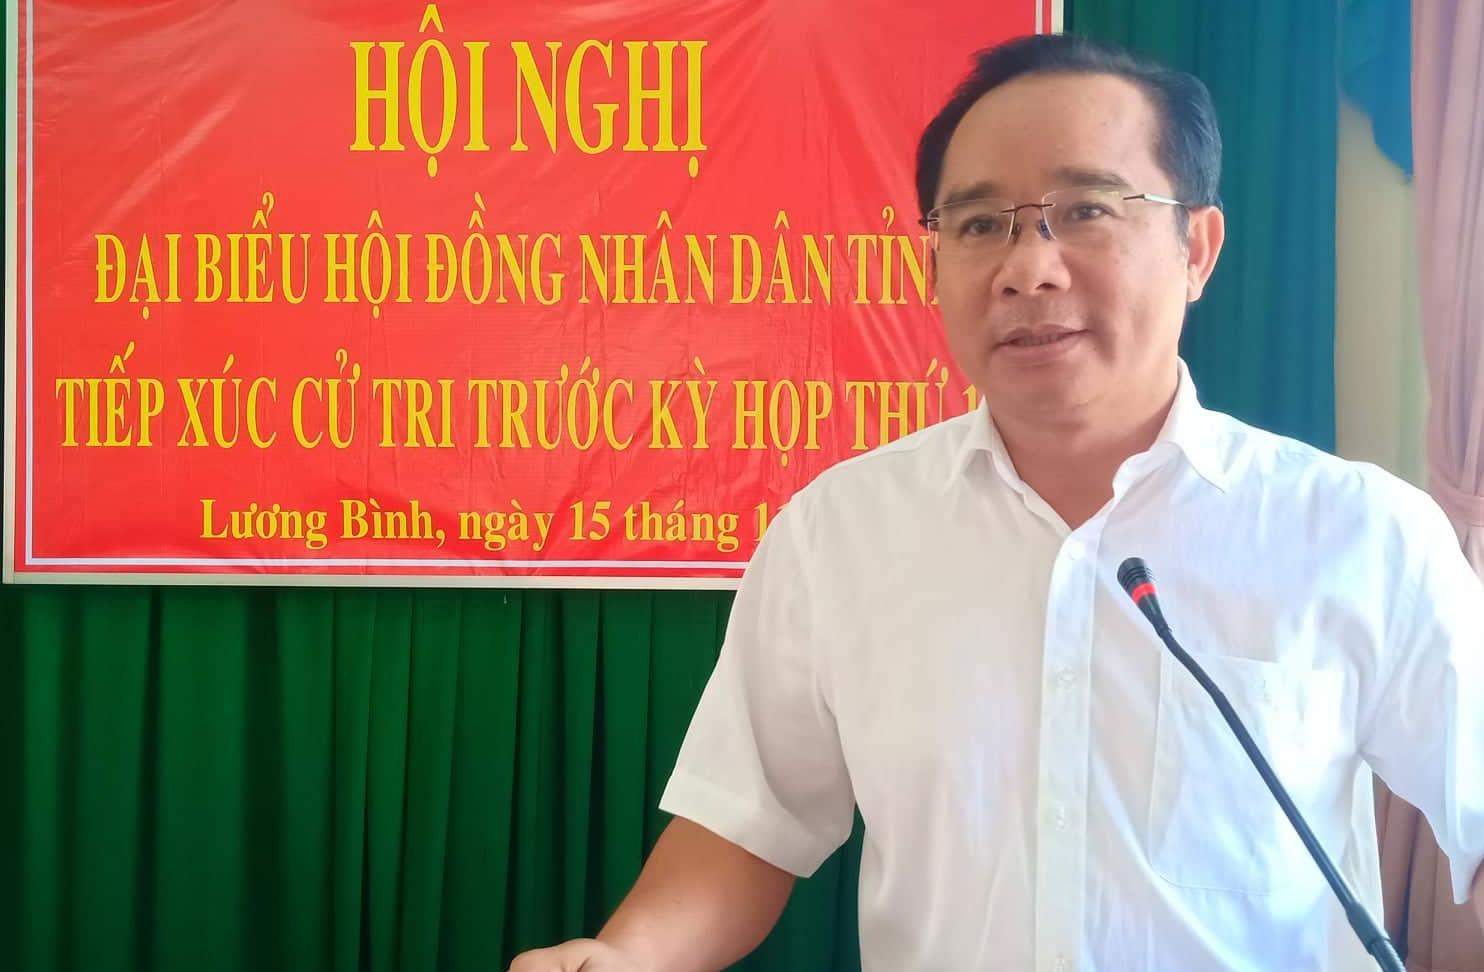 Phó Bí thư Thường trực Tỉnh ủy - Nguyễn Văn Được giải trình một số vấn đề cử tri quan tâm